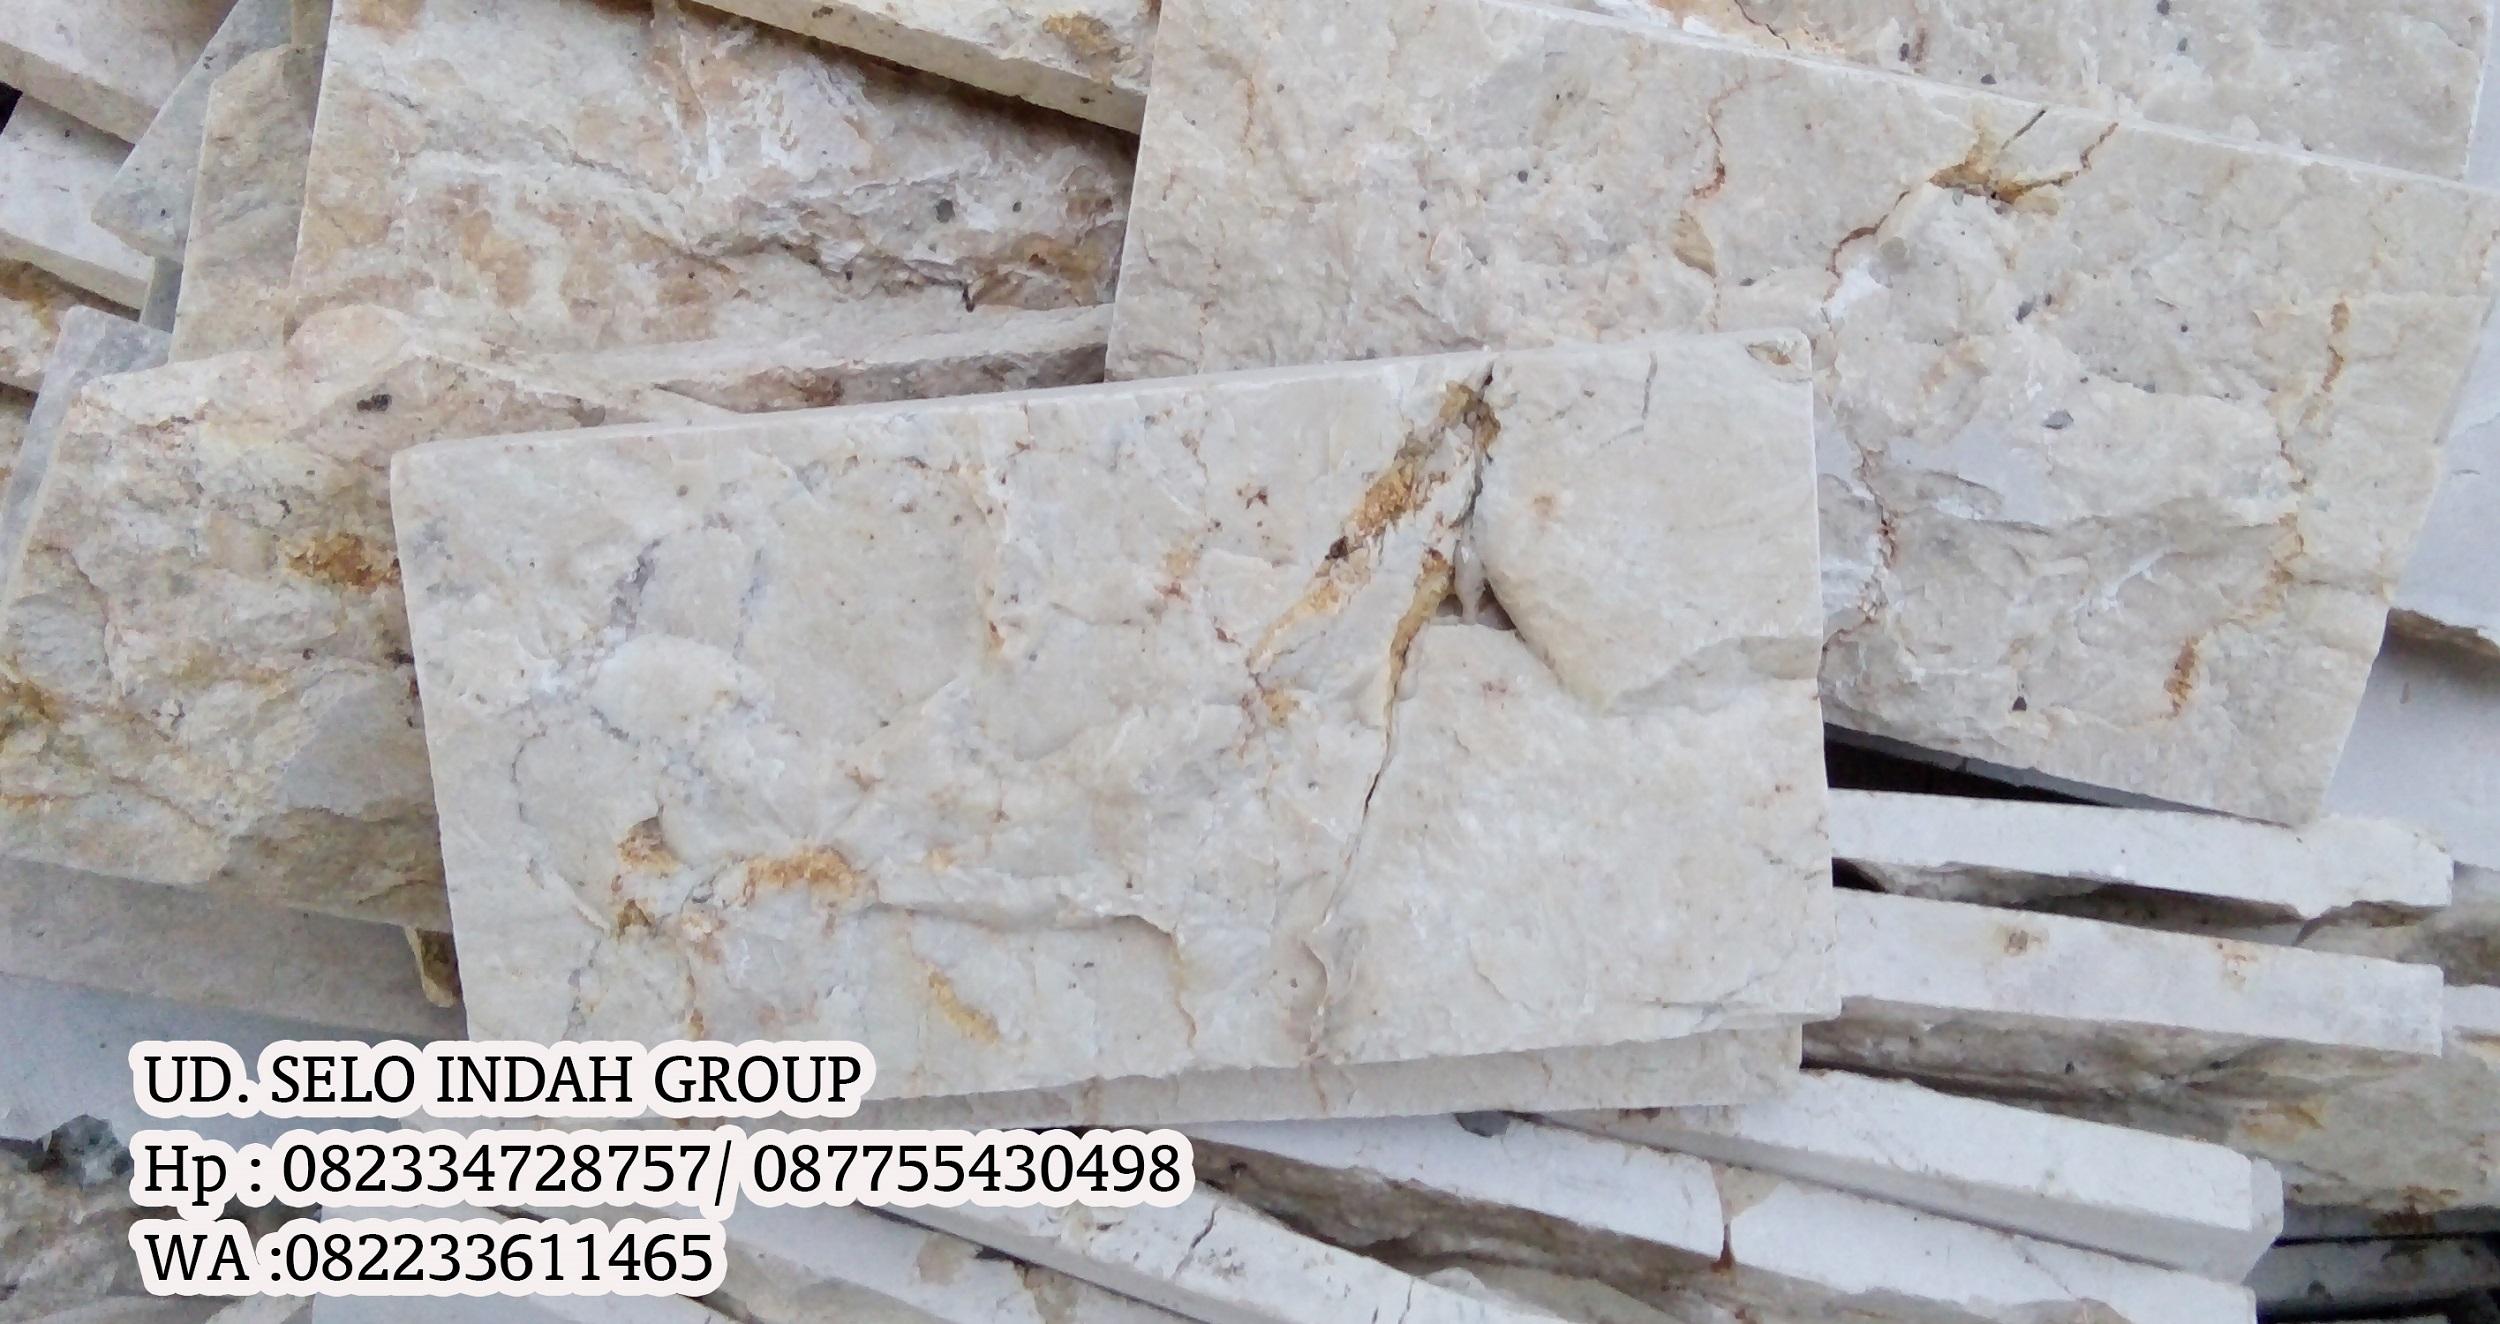 Jual Batu Marmo Putih Harga Murah Tulungagung